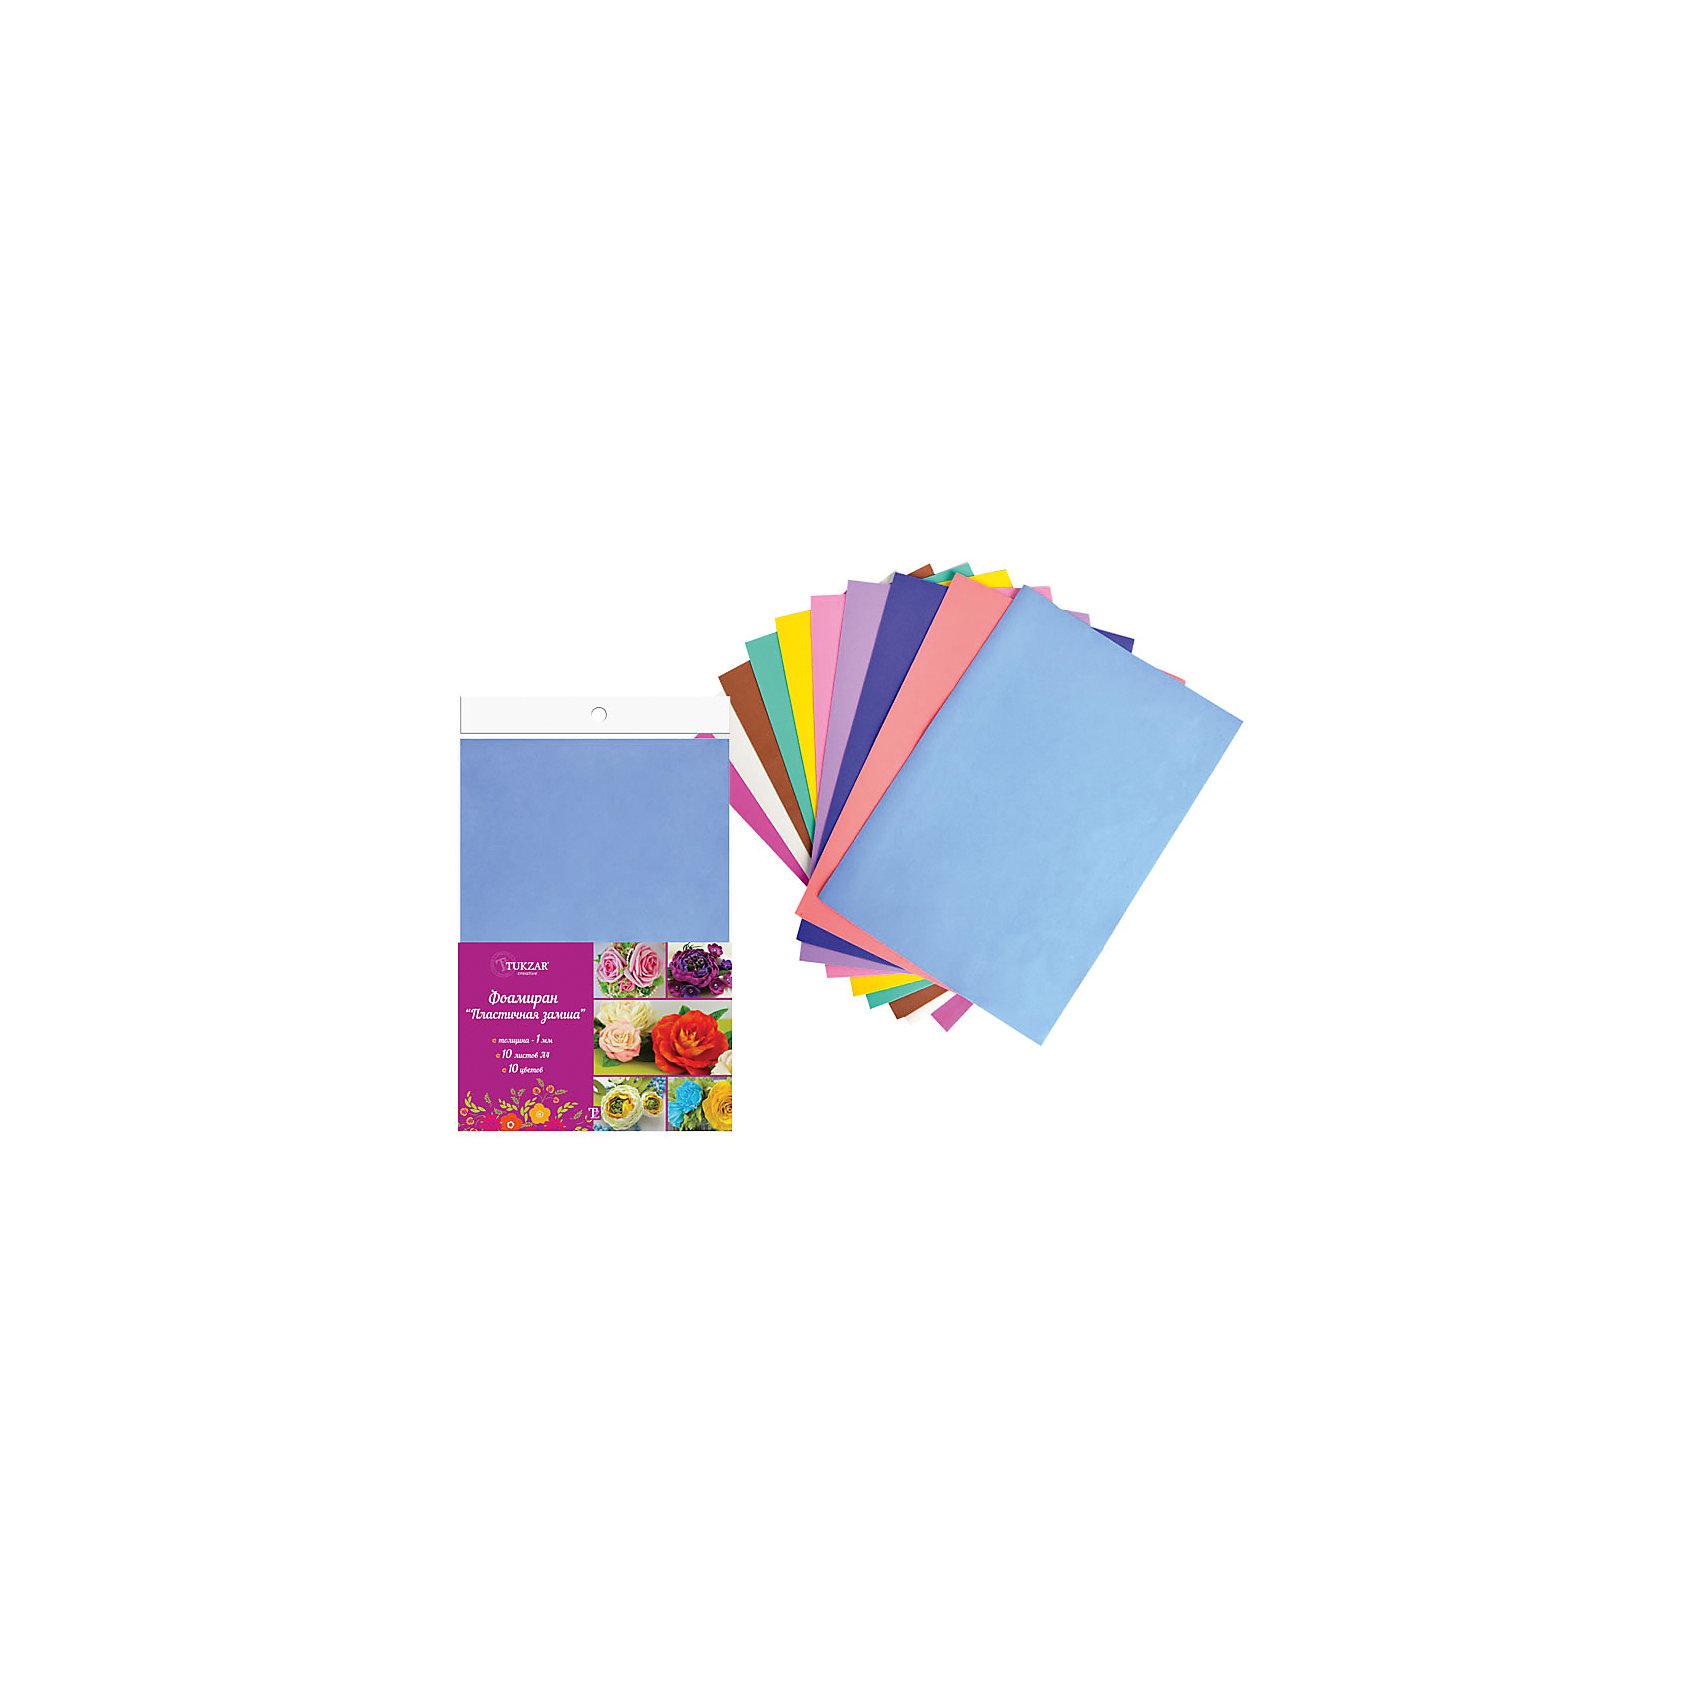 Набор фоамирана (пластичной замши) А4, 10 цветовНабор фоамирана (пластичной замши) А4, 10 цветов от известного торгового бренда канцелярских товаров и товаров для творчества TUKZAR. Набор включает в себя 10 листов пластичной замши разного цвета. Этот материал широко используется в декративно-прикладном творчестве за счет своих свойств: он легко поддается обработке, готовые изделия из фоамирана характеризуются высокой износоустойчивостью, а благодаря тому, что он абсолютно нетоксичен, этот материал широко используют на занятиях творчеством с детьми. <br>Набор фоамирана (пластичной замши) А4, 10 цветов – это высокое качество материалов для творчества, которые подарят вдохновение не только детям, но и взрослым! <br><br>Дополнительная информация:<br><br>- Предназначение: для детского творчества, для аппликаций, для создания цветов и цветочных композиций, для декорирования<br>- Материал: фоамиран<br>- Комплектация: 10 листов разного цвета<br>- Размеры (Д*Ш*В): 21*0,1*29,7 см<br>- Упаковка: полиэтилен<br><br>Подробнее:<br><br>• Для детей в возрасте: от 5 лет <br>• Страна производитель: Китай<br>• Торговый бренд: TUKZAR<br><br>Набор фоамирана (пластичной замши) А4, 10 цветов можно купить в нашем интернет-магазине.<br><br>Ширина мм: 220<br>Глубина мм: 180<br>Высота мм: 20<br>Вес г: 200<br>Возраст от месяцев: 36<br>Возраст до месяцев: 192<br>Пол: Унисекс<br>Возраст: Детский<br>SKU: 5001421